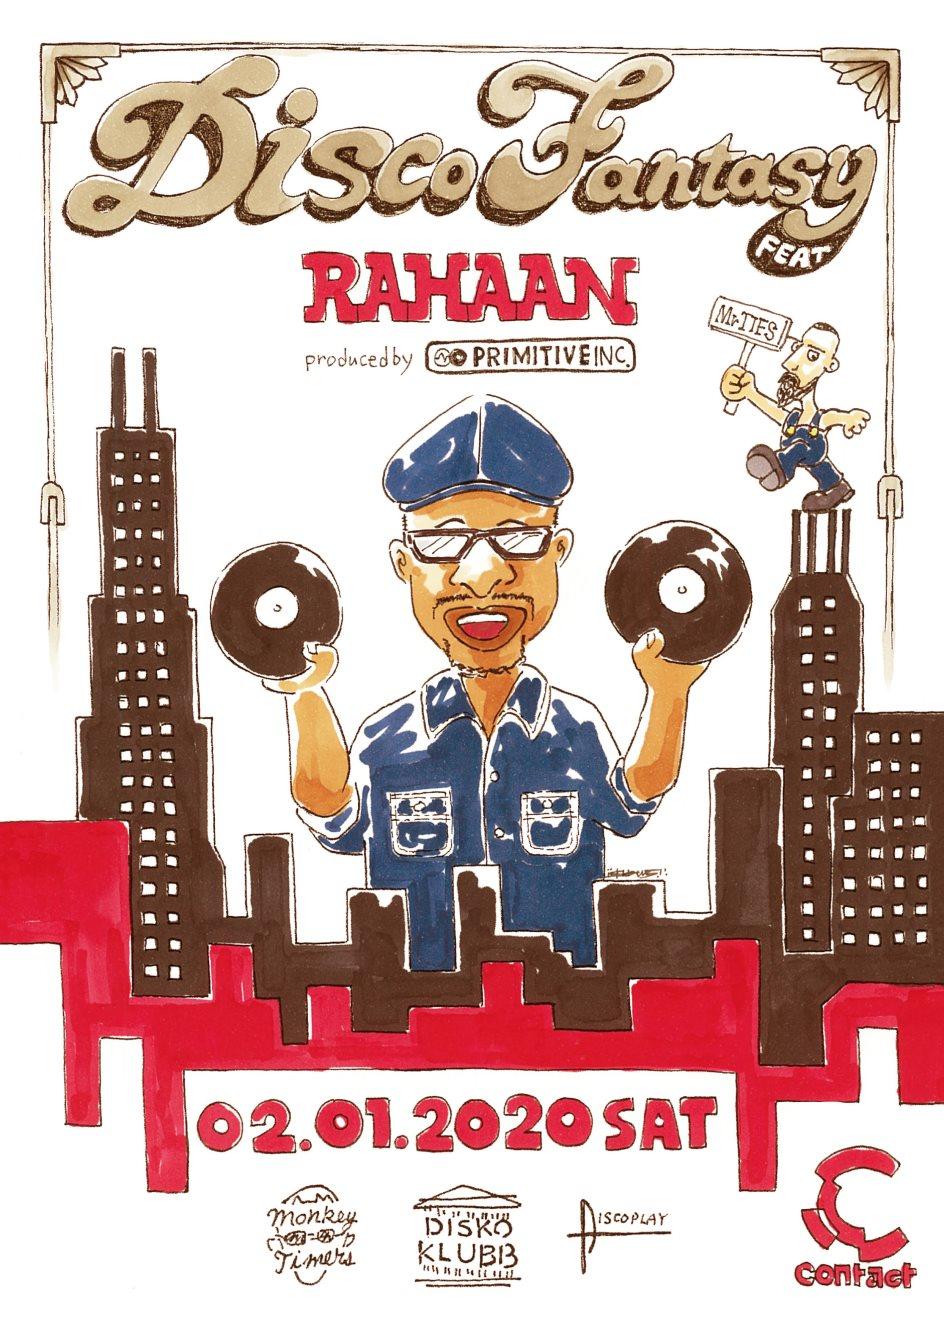 Disco Fantasy Feat. Rahaan & Mr. Ties - Flyer front